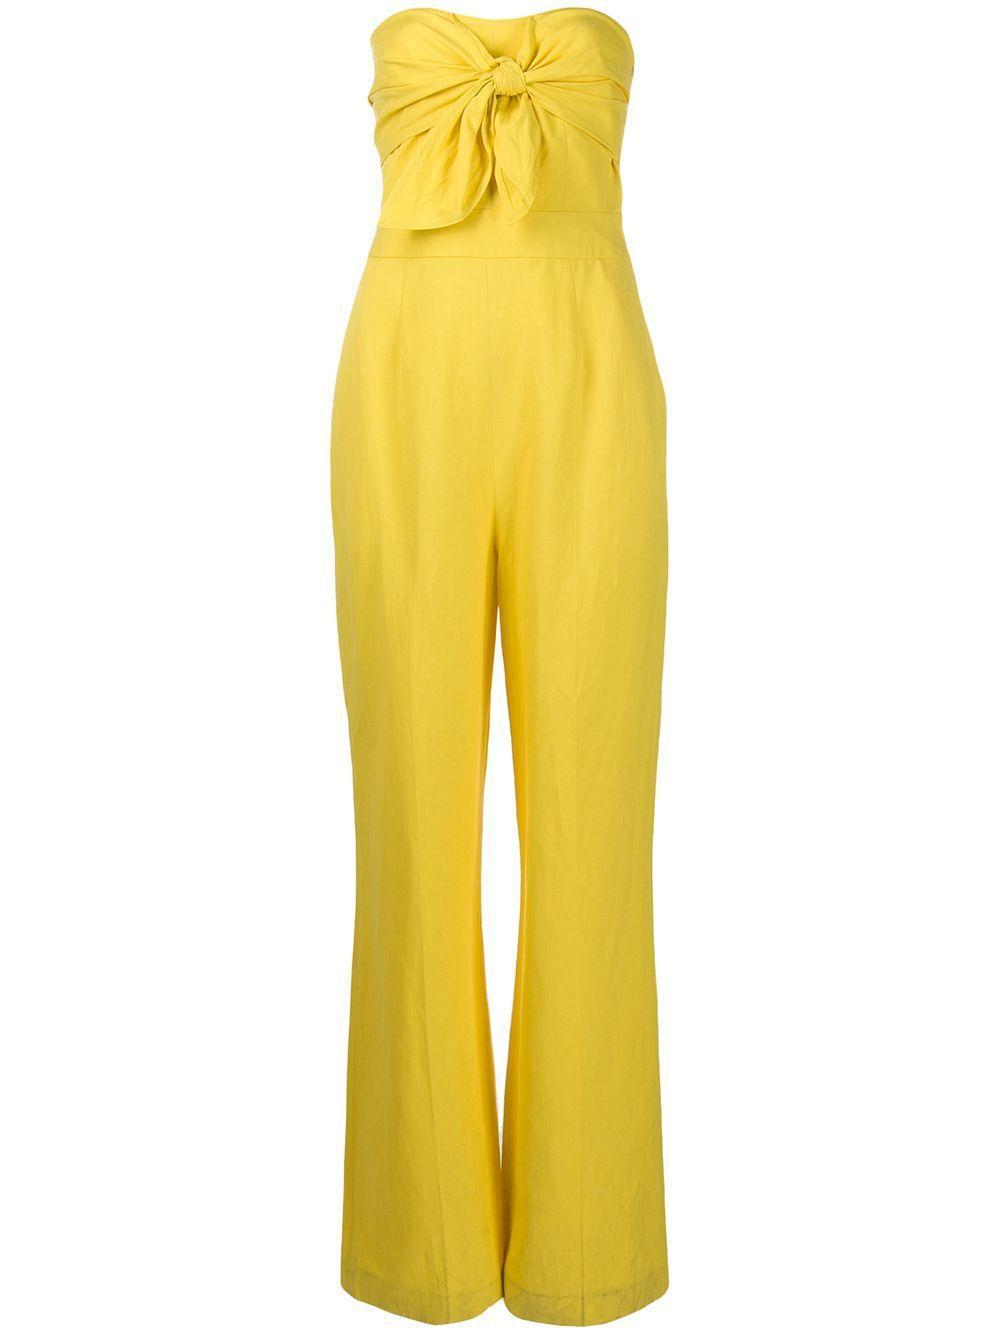 Alene Tie Front Jumpsuit